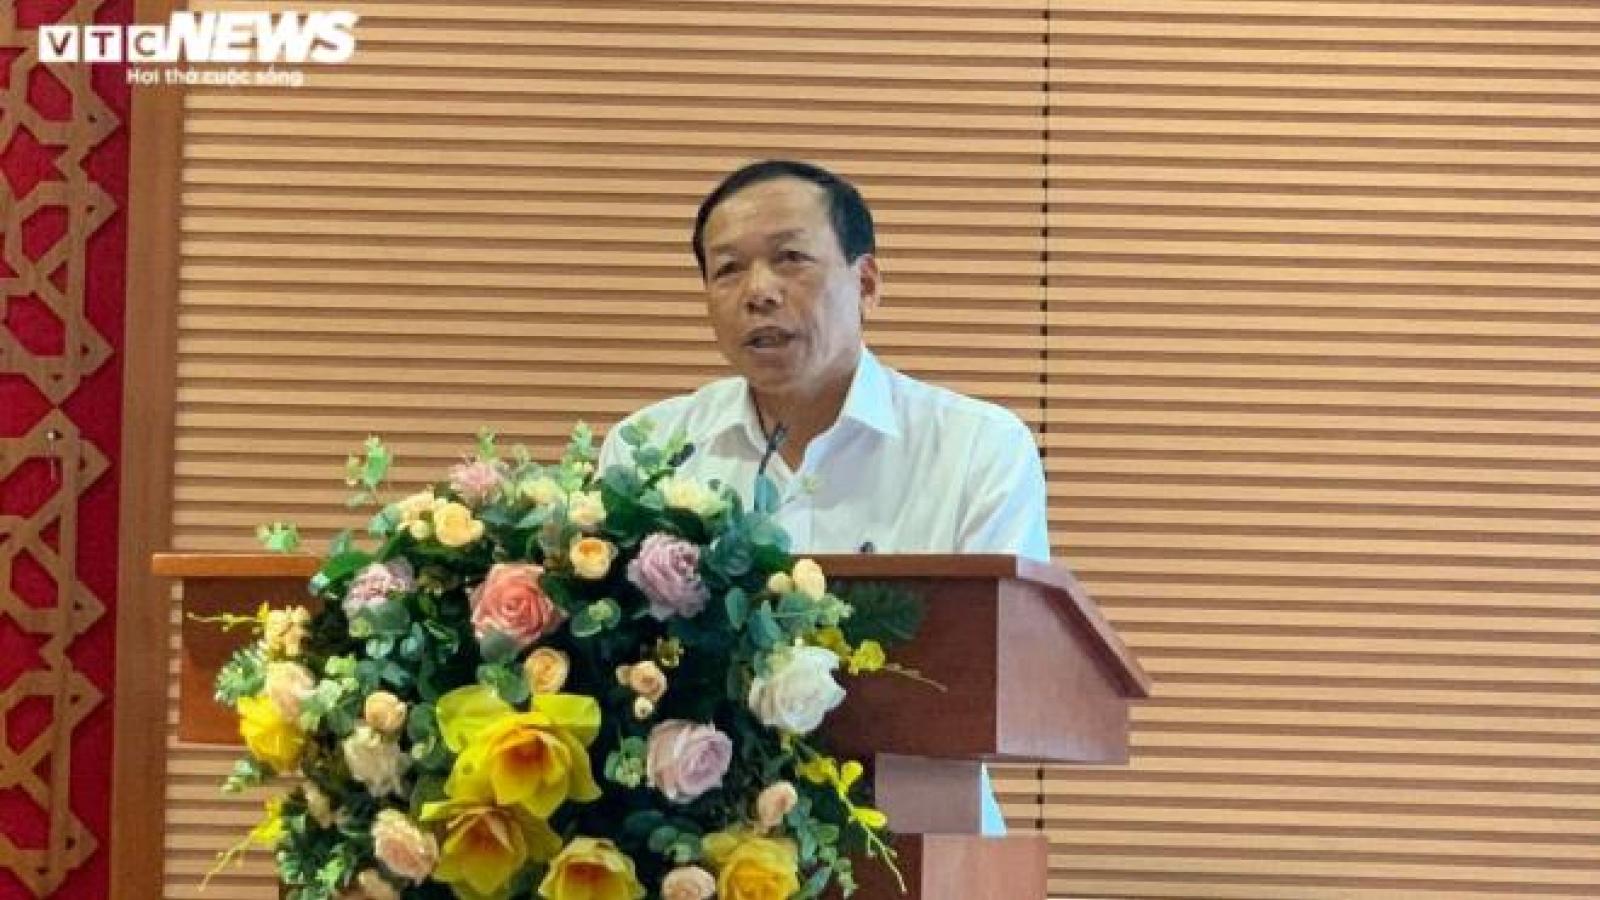 Phó Chánh án Nguyễn Trí Tuệ nói về việc bác kháng nghị vụ Hồ Duy Hải